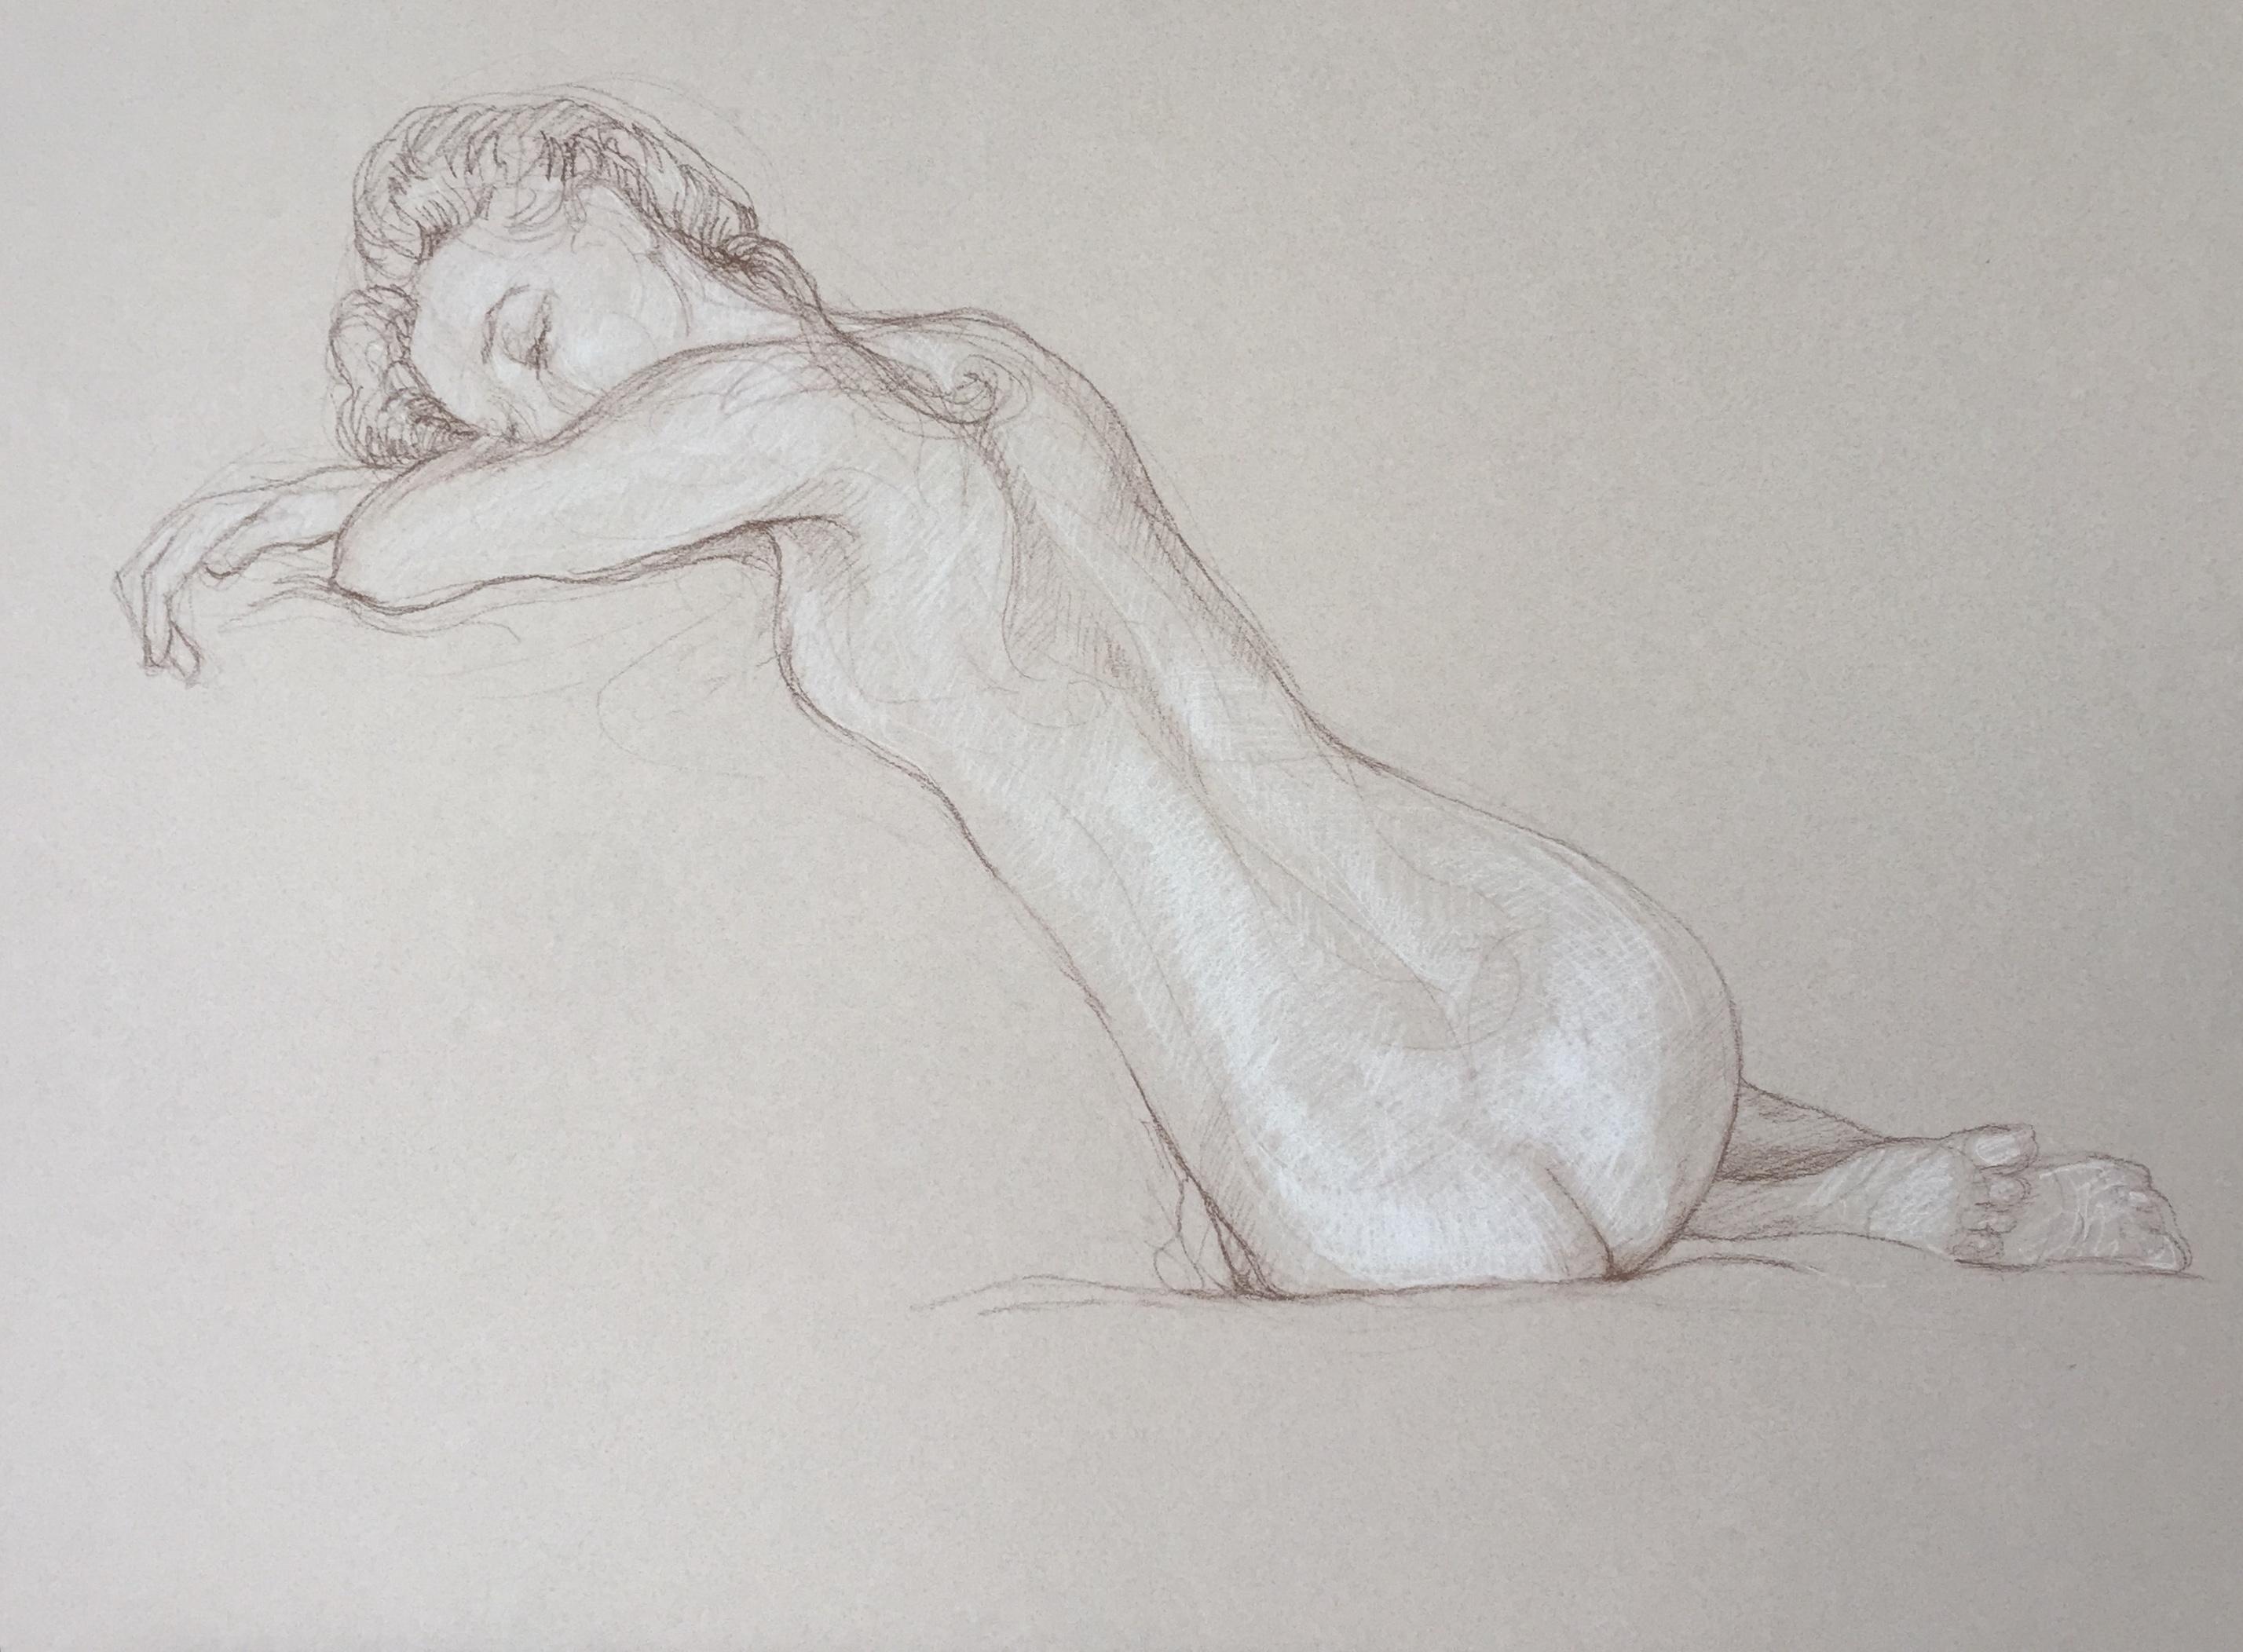 Modèle vivant 21 : sépia et crayon blanc